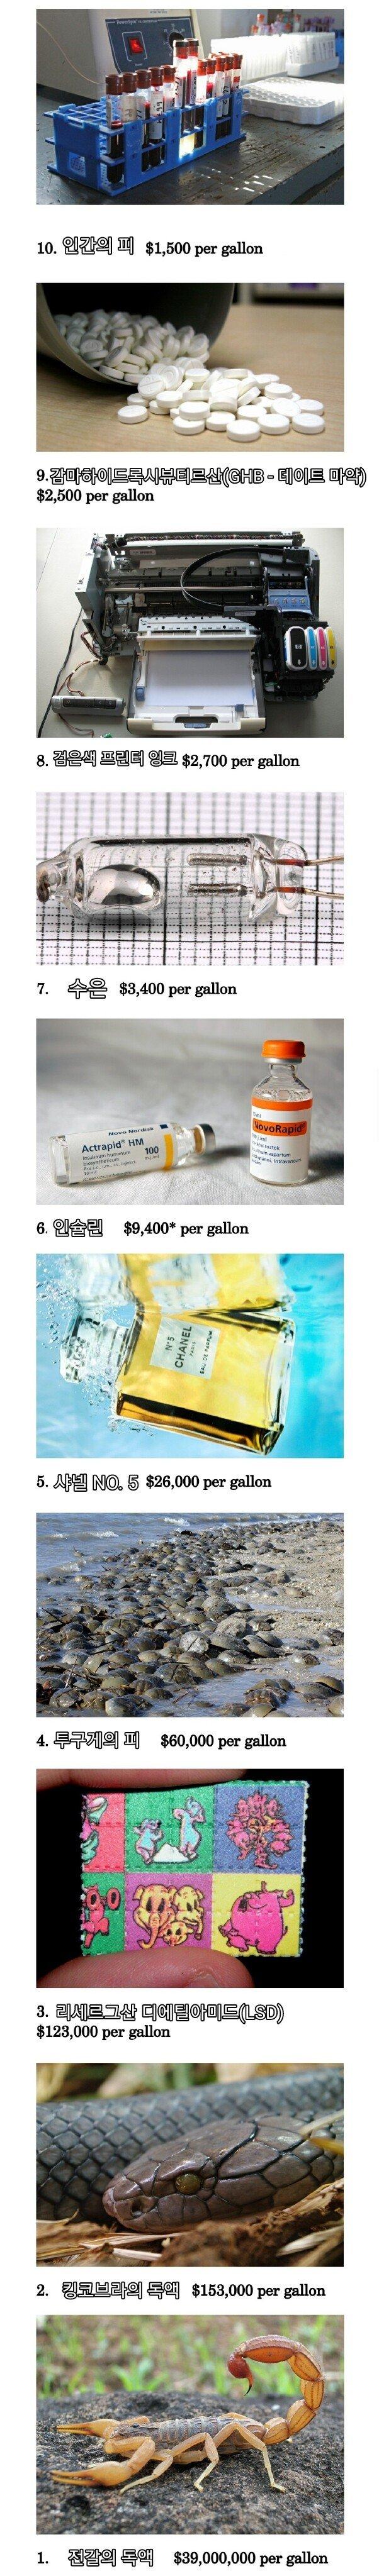 20200622185038_4b35e401f45c1071cb0e3b6e14f38d4d_1qu4.jpg 부피당 가격이 가장 비싼 액체